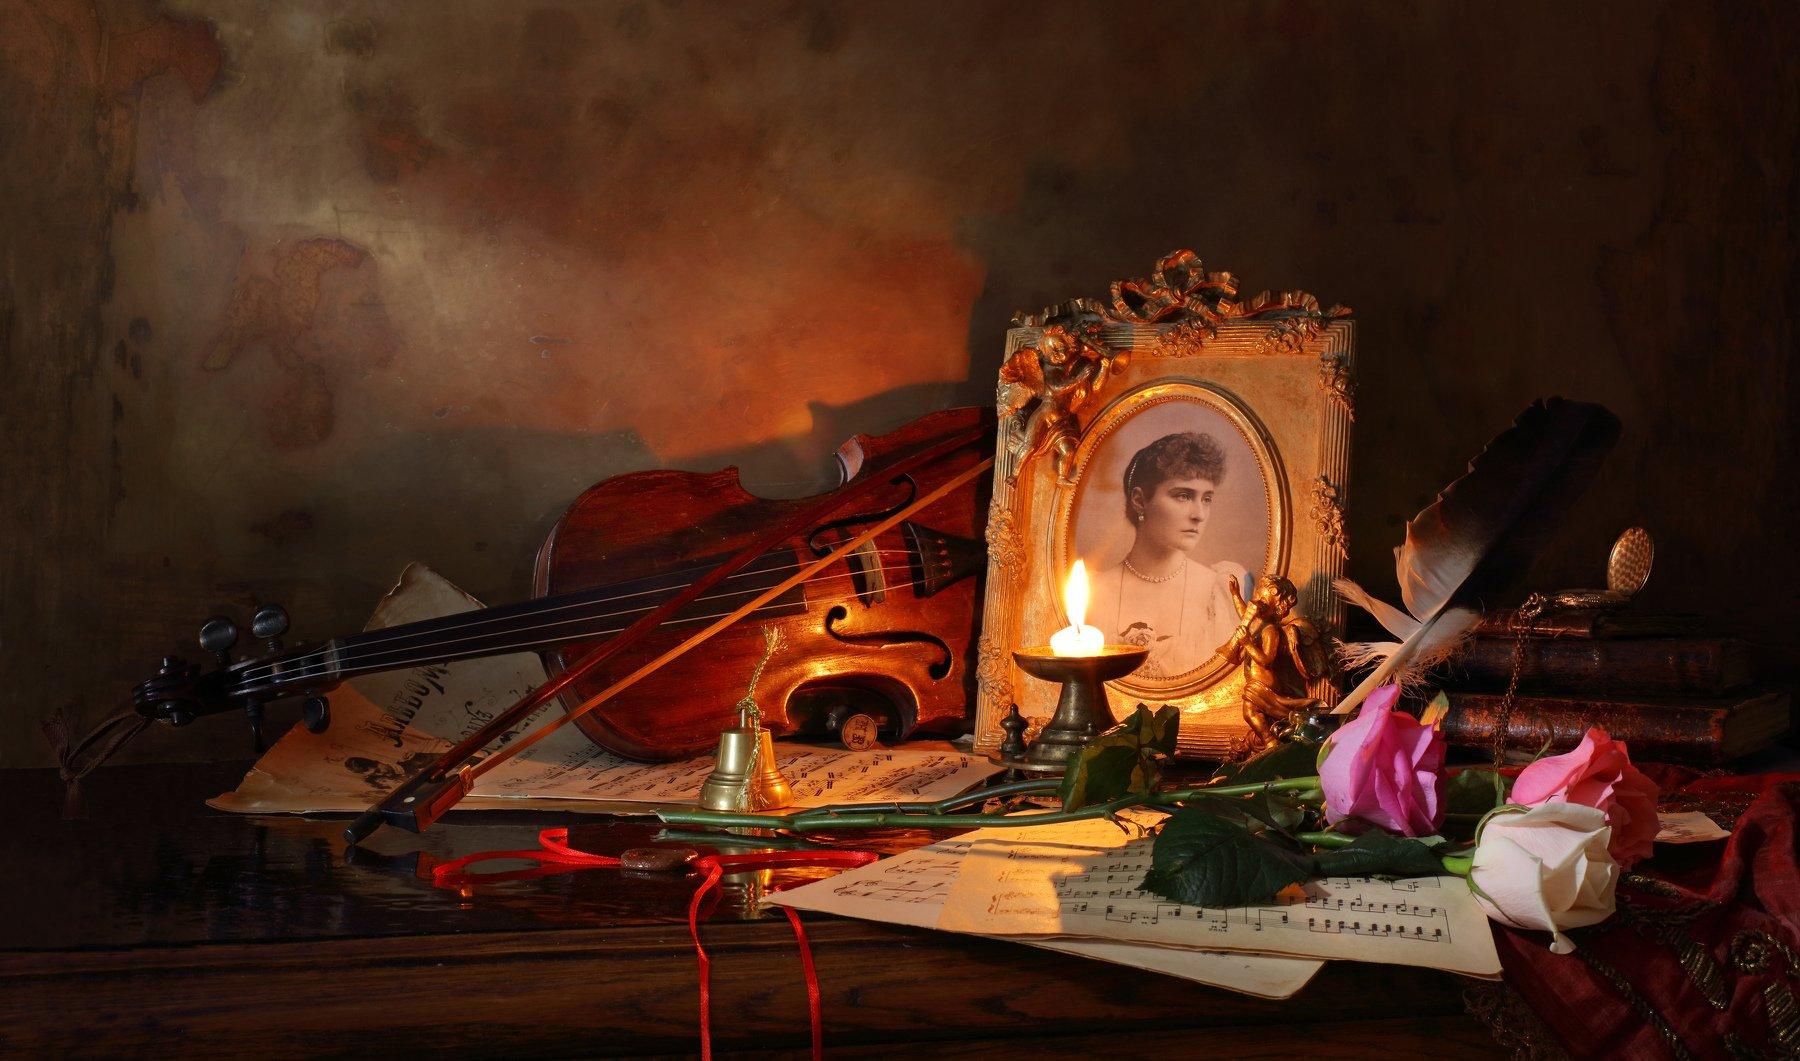 скрипка, музыка, портрет, свеча, розы, книги, Андрей Морозов